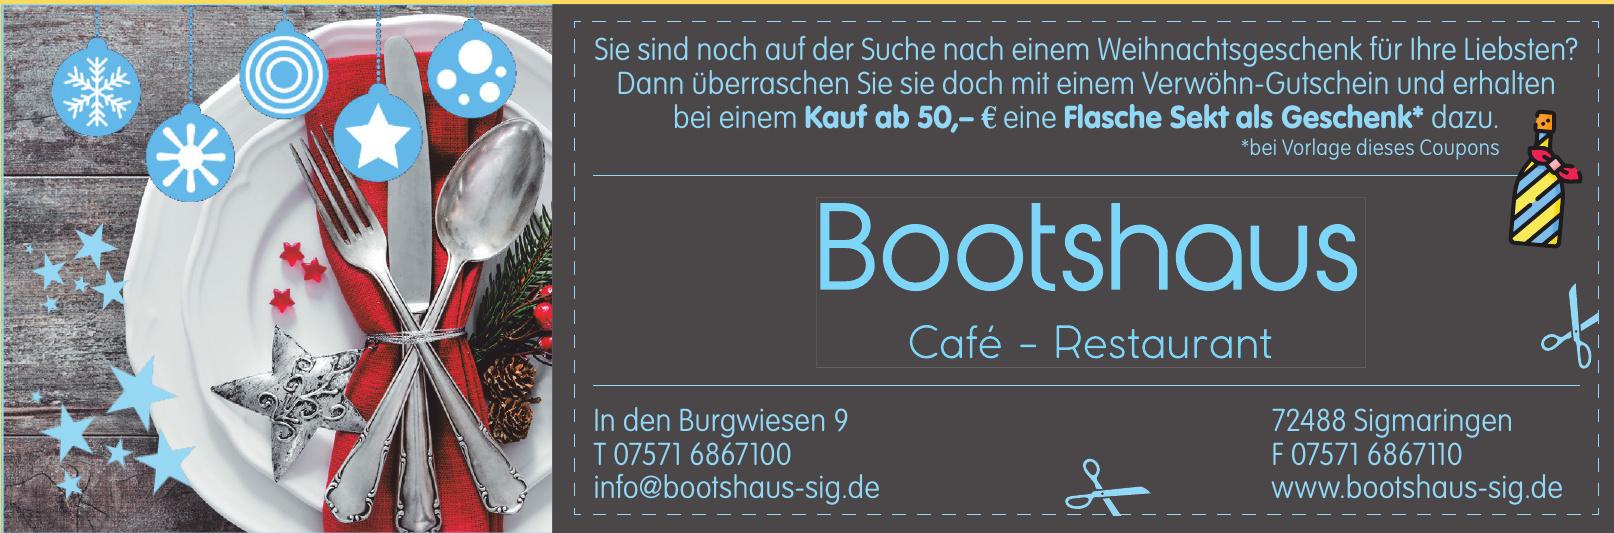 Bootshaus Sigmaringen